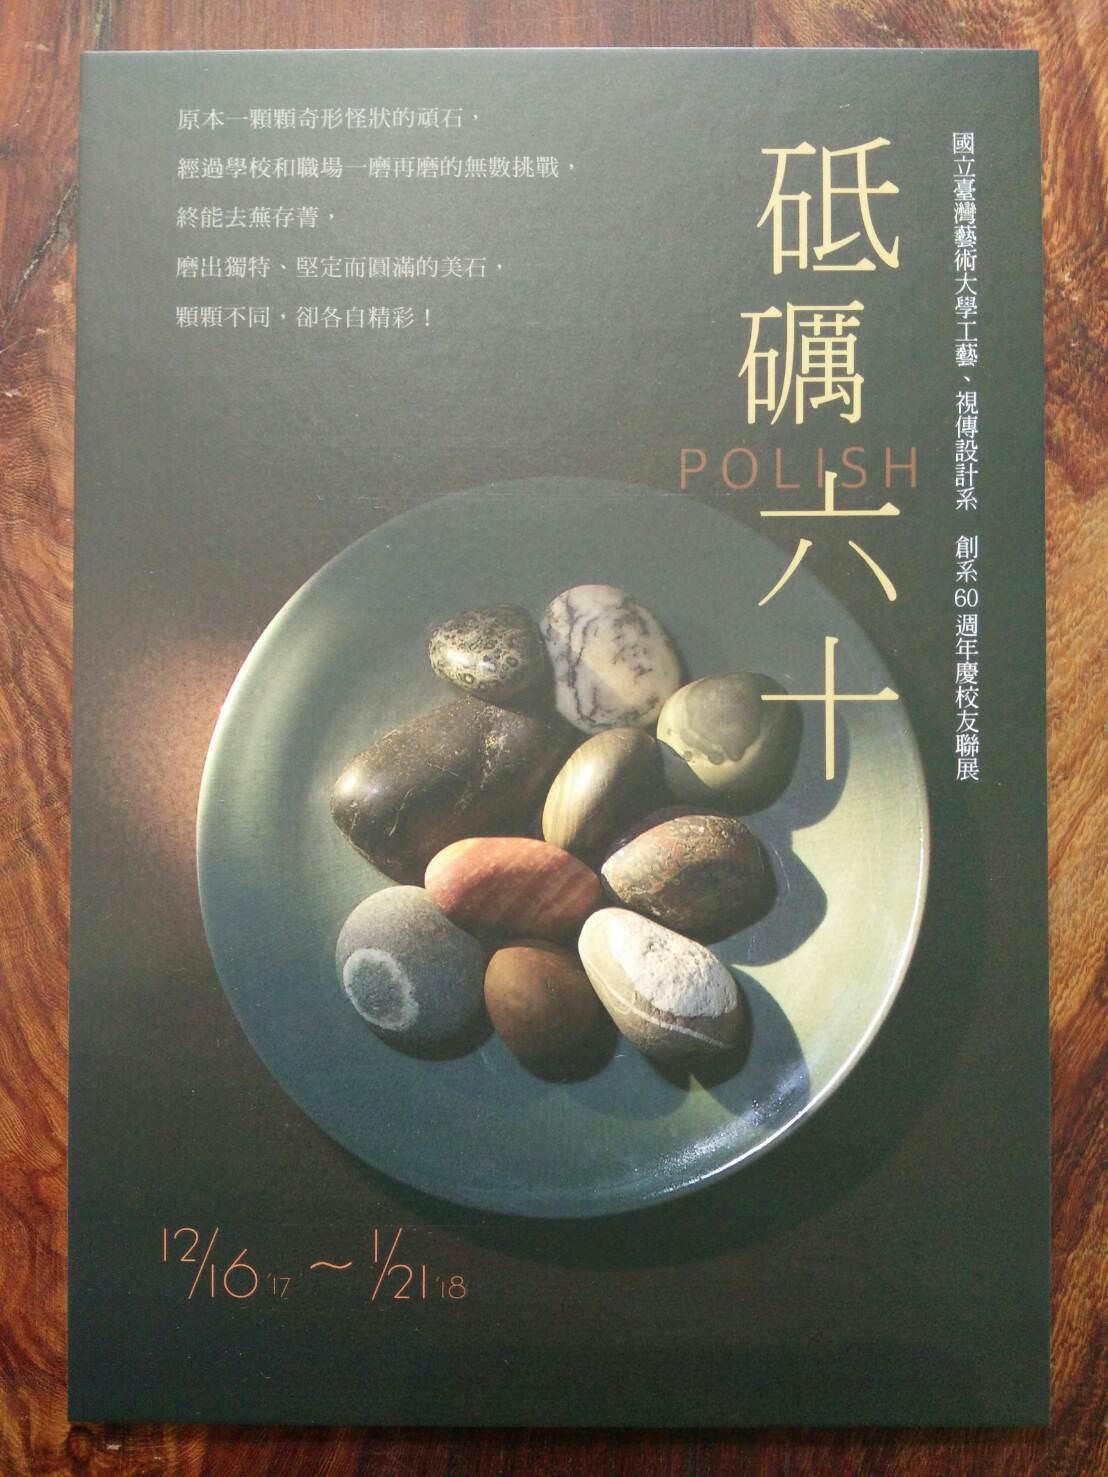 國立台灣藝術大學工藝、視傳設計系  創系60週年慶校友聯展,歡迎好朋友蒞臨指導